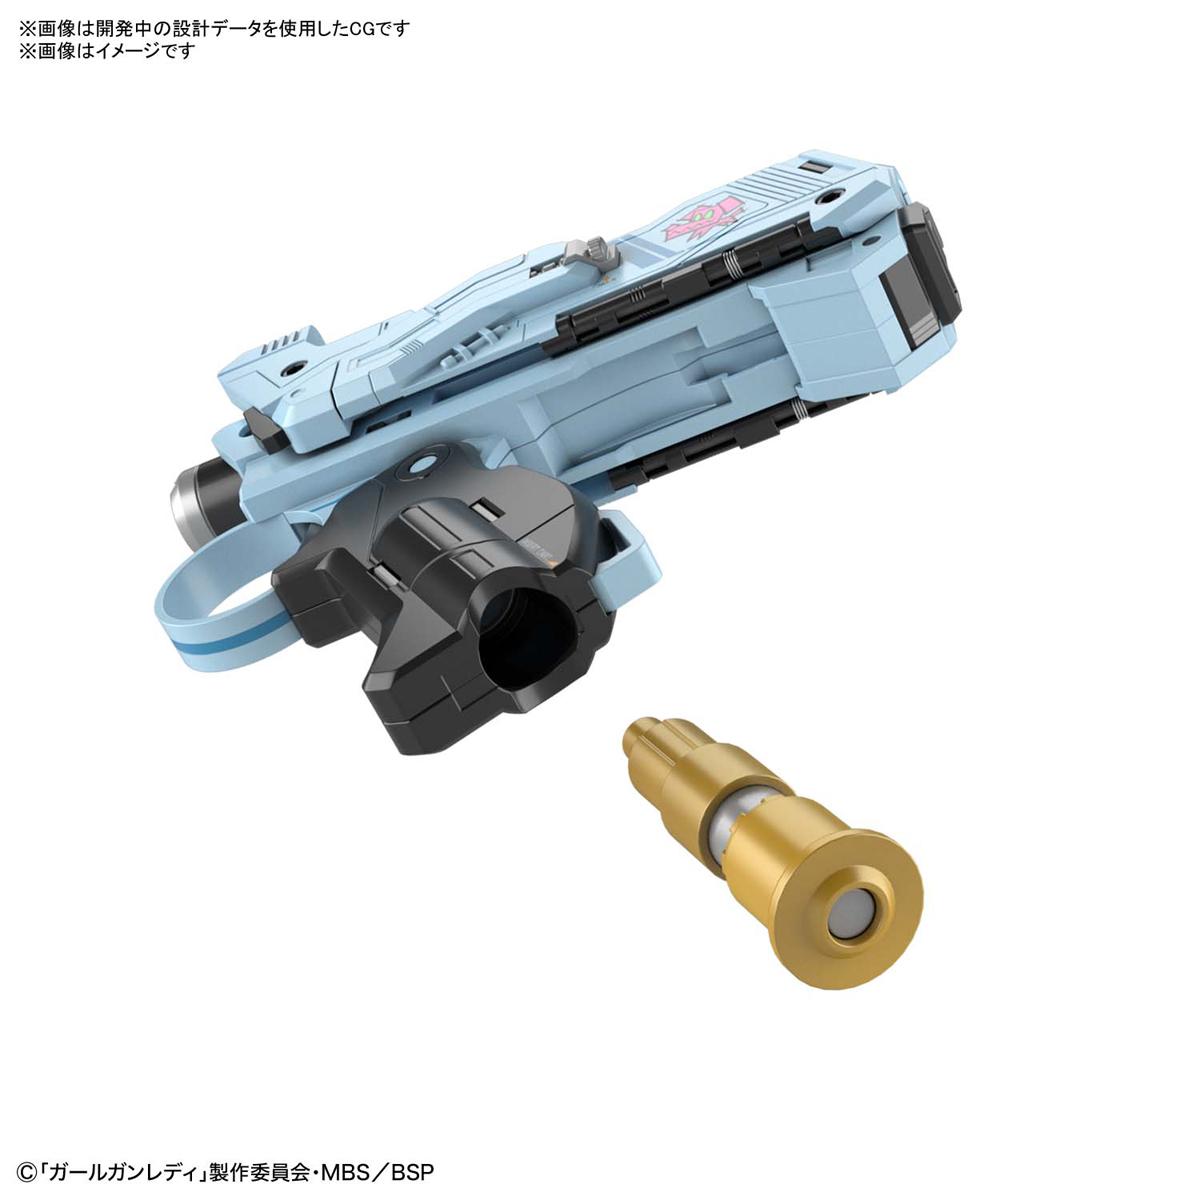 ガールガンレディ(GGL)『アタックガールガン×レディコマンダーアリス セットBOX』プラモデル-004